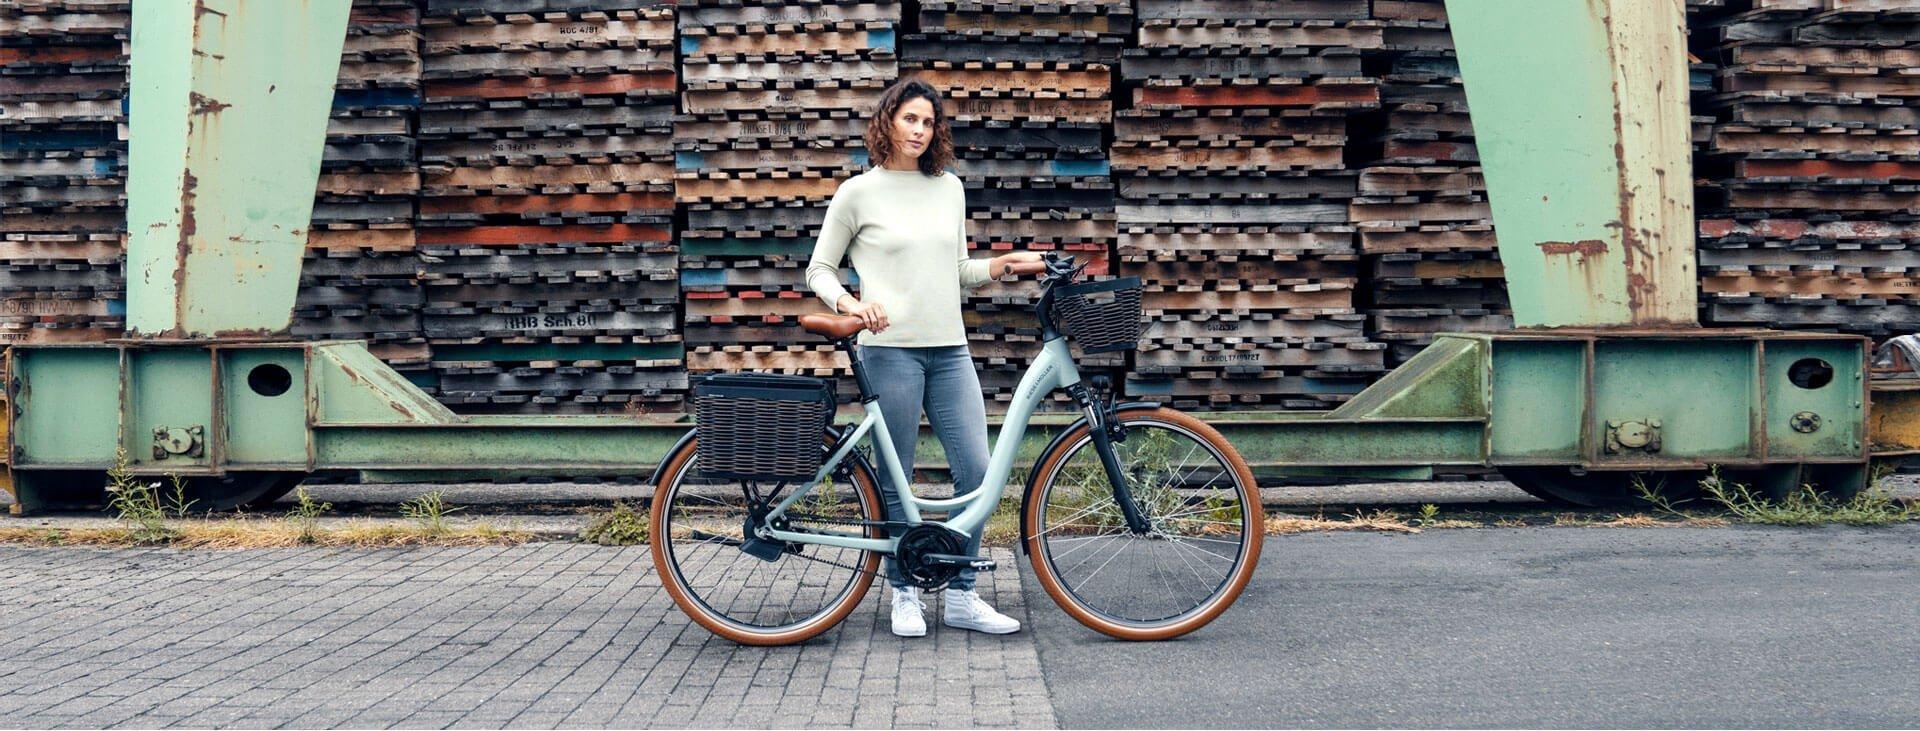 elektrische-fiets-leasen